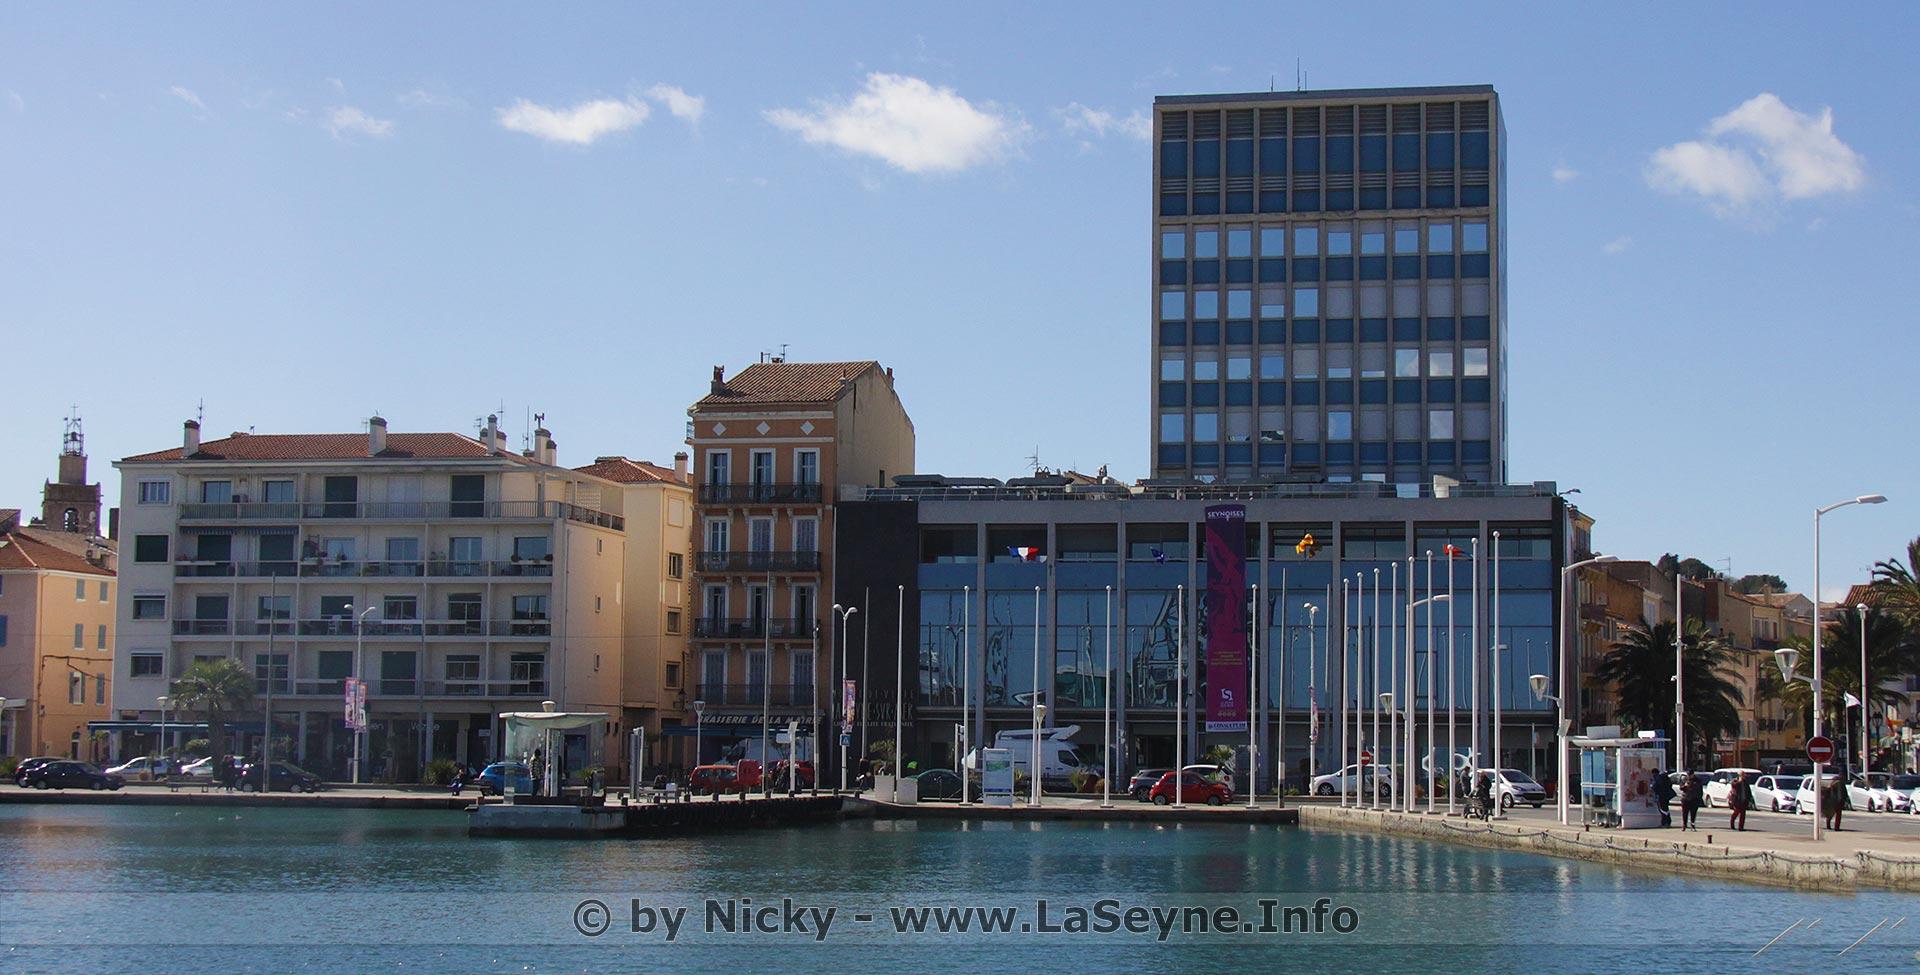 Covid19: Continuité du Service public et Coopération entre la Ville de la Seyne et l'Hôpital public